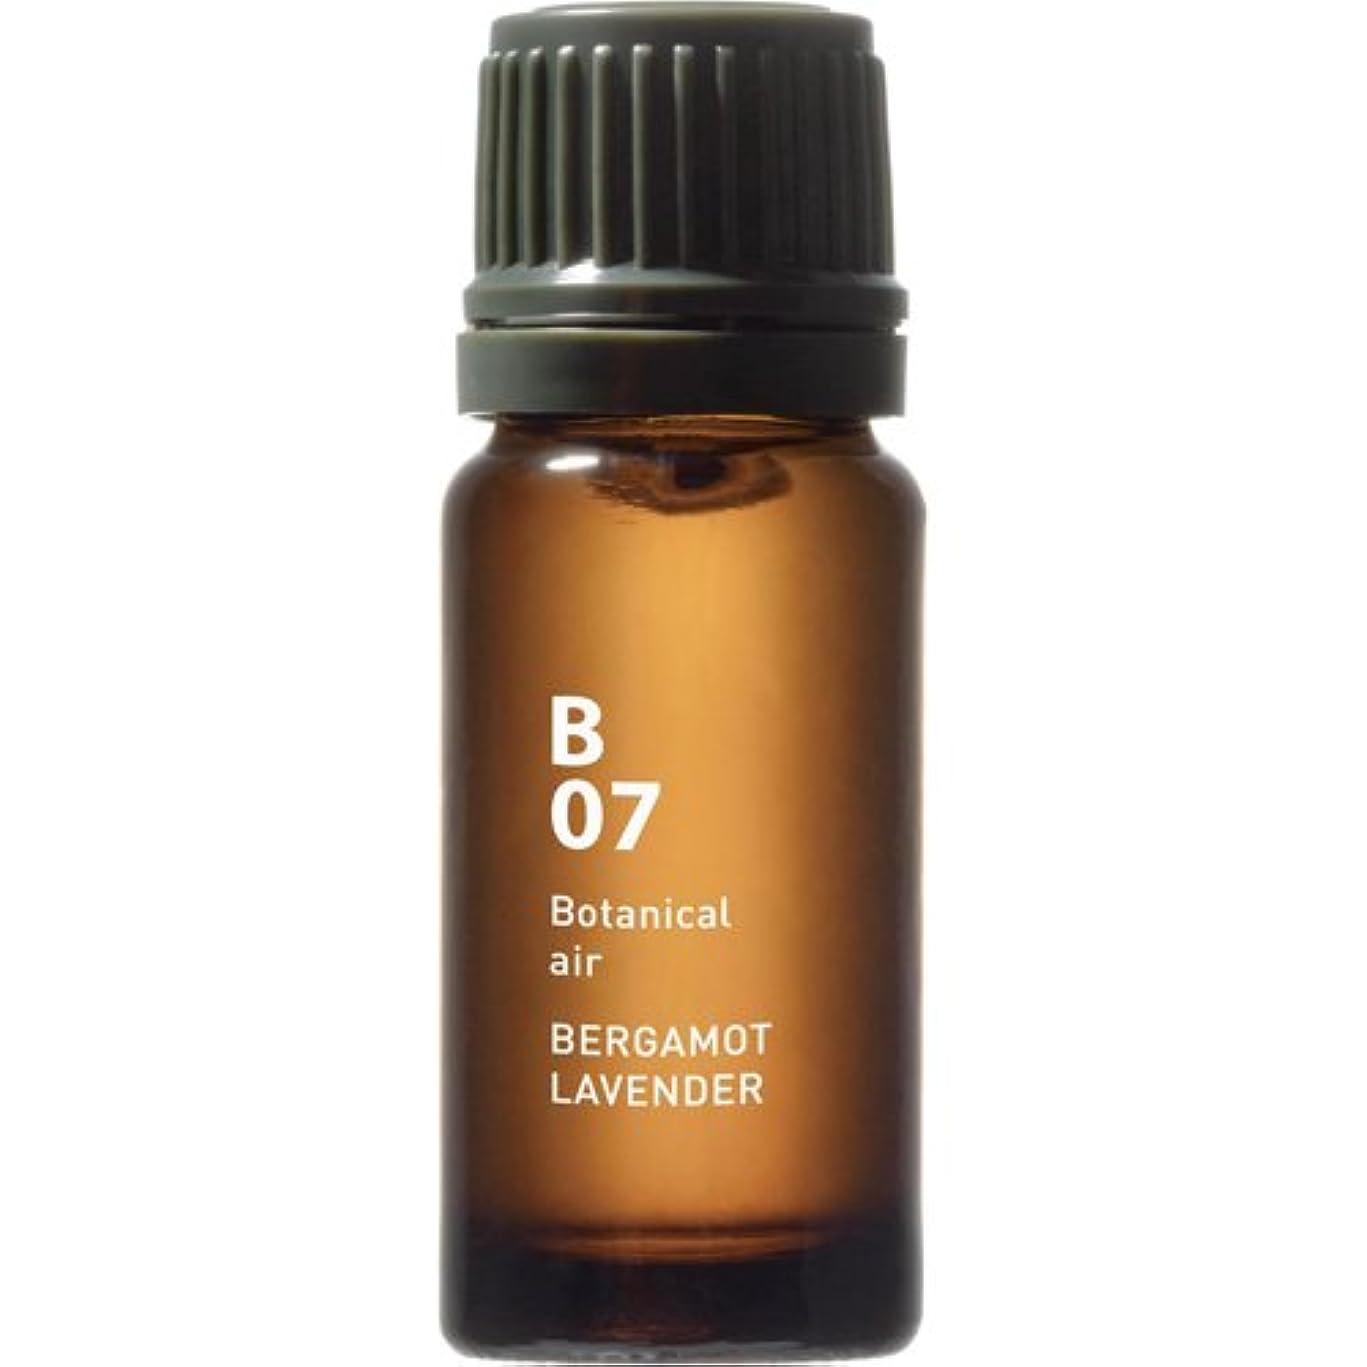 酔うバルーンドルB07 ベルガモットラベンダー Botanical air(ボタニカルエアー) 10ml